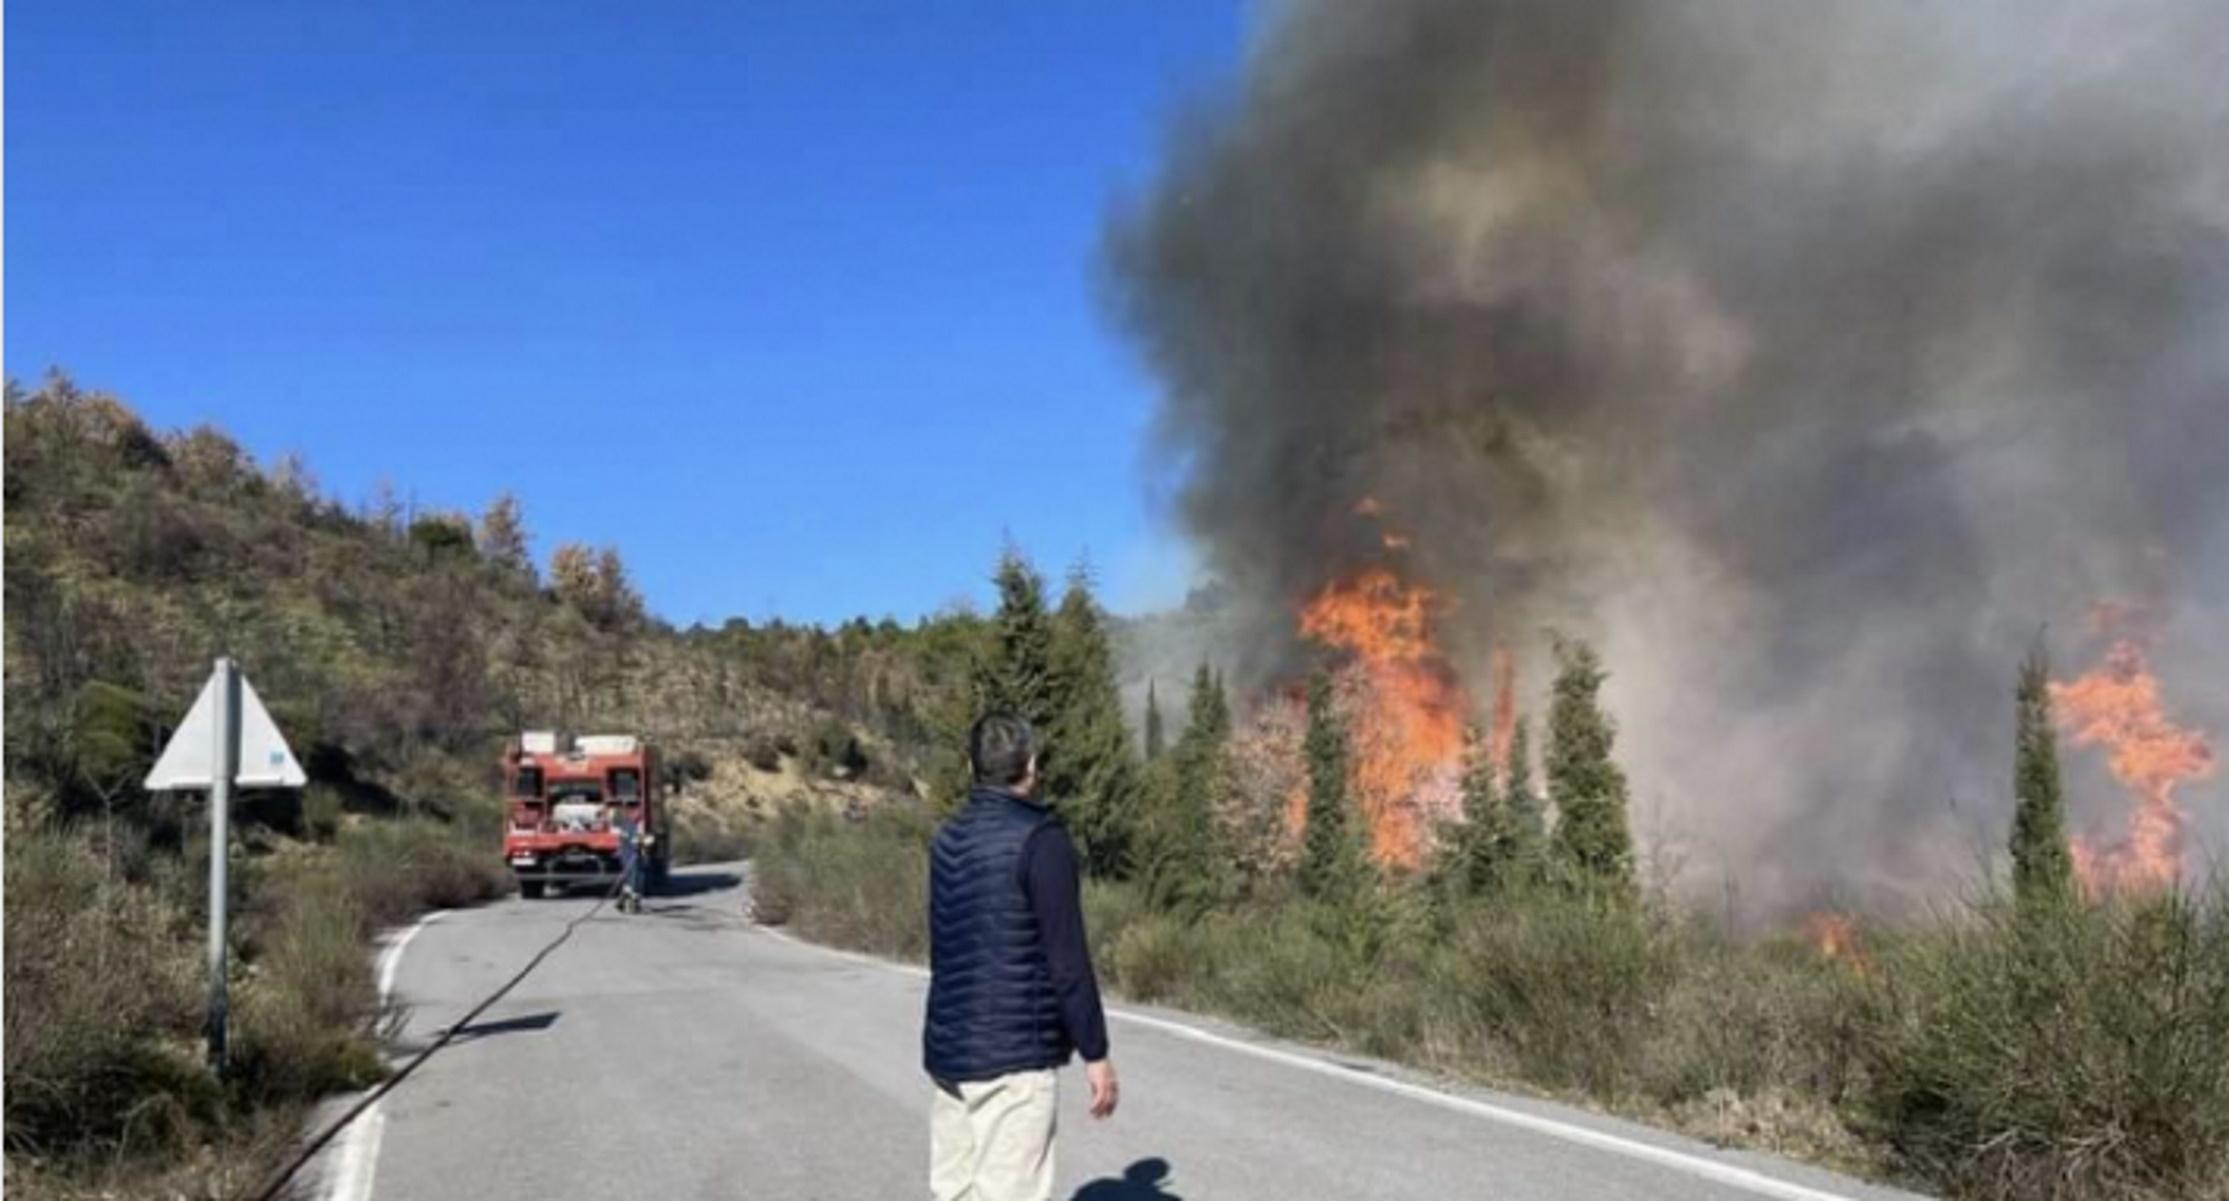 Φωτιές σε Μεγαλόπολη, Αίγιο και Καρπενήσι – Με φλόγες και ανέμους μάχονται οι πυροσβέστες